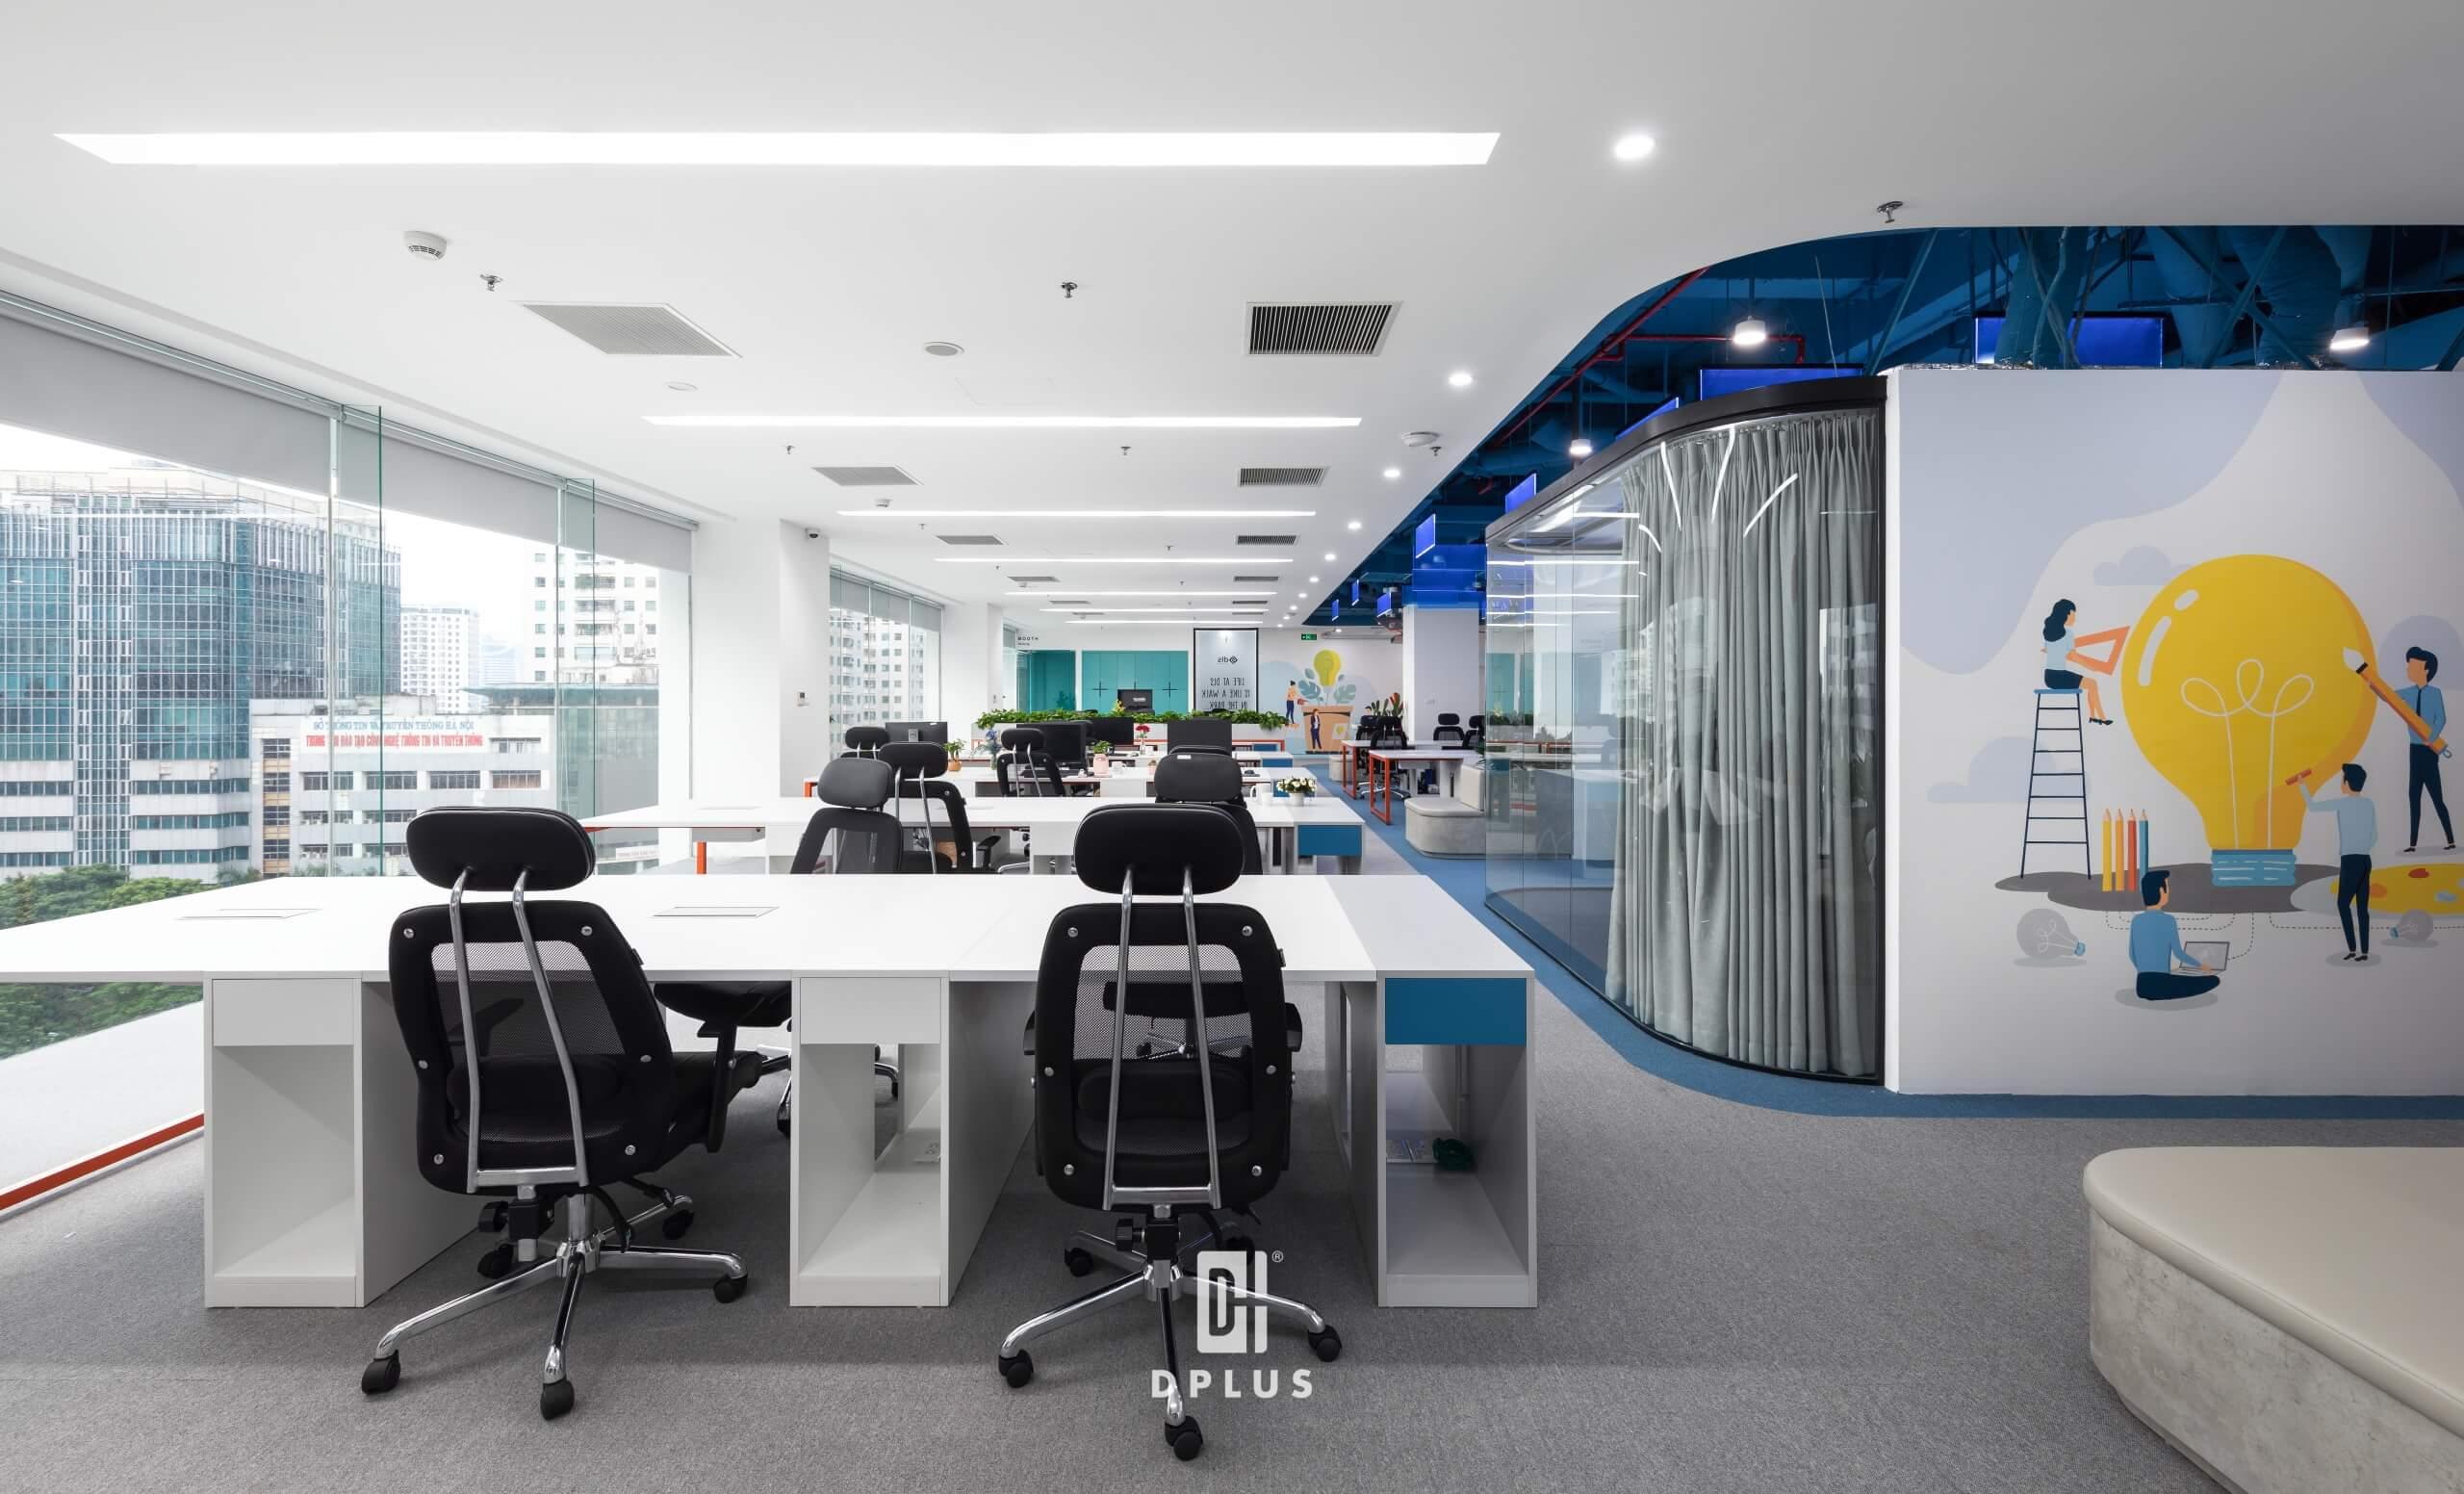 Báo giá thiết kế nội thất văn phòng theo gói